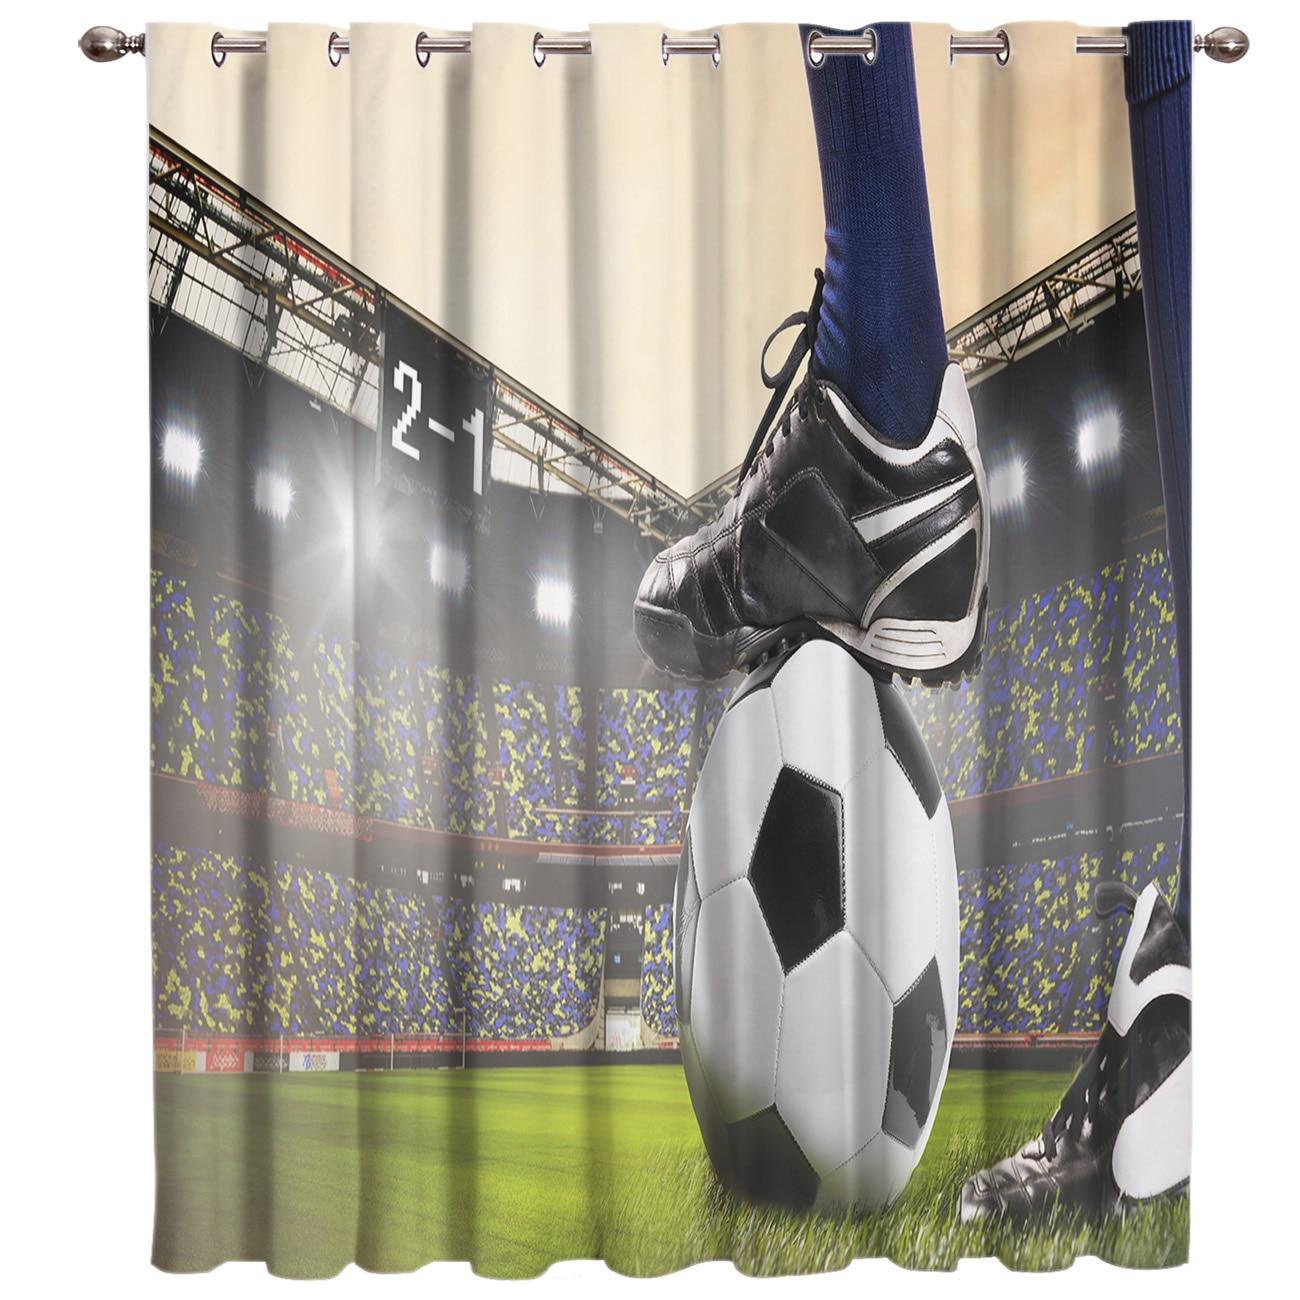 Gymnase Football rideaux balles Football Design 3D fenêtre rideaux pour salon chambre cuisine Cortinas Para Sala De Estar